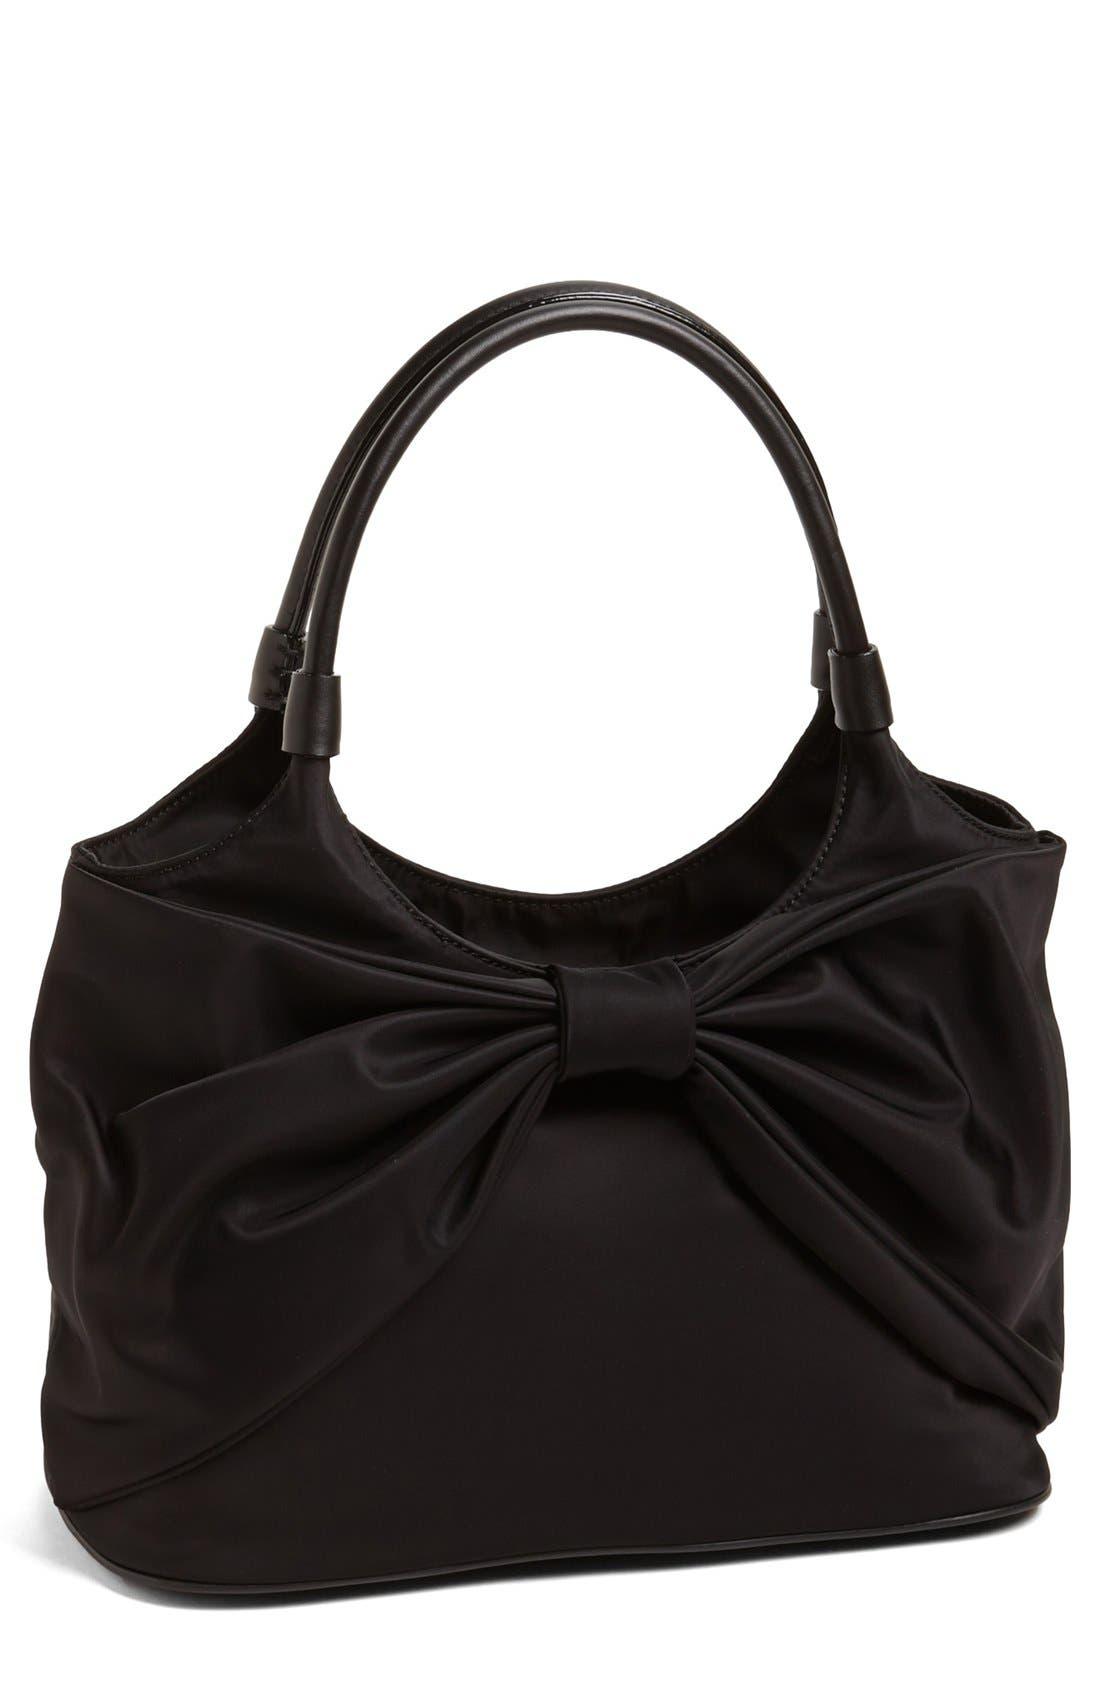 Alternate Image 1 Selected - kate spade new york 'sutton' shoulder bag